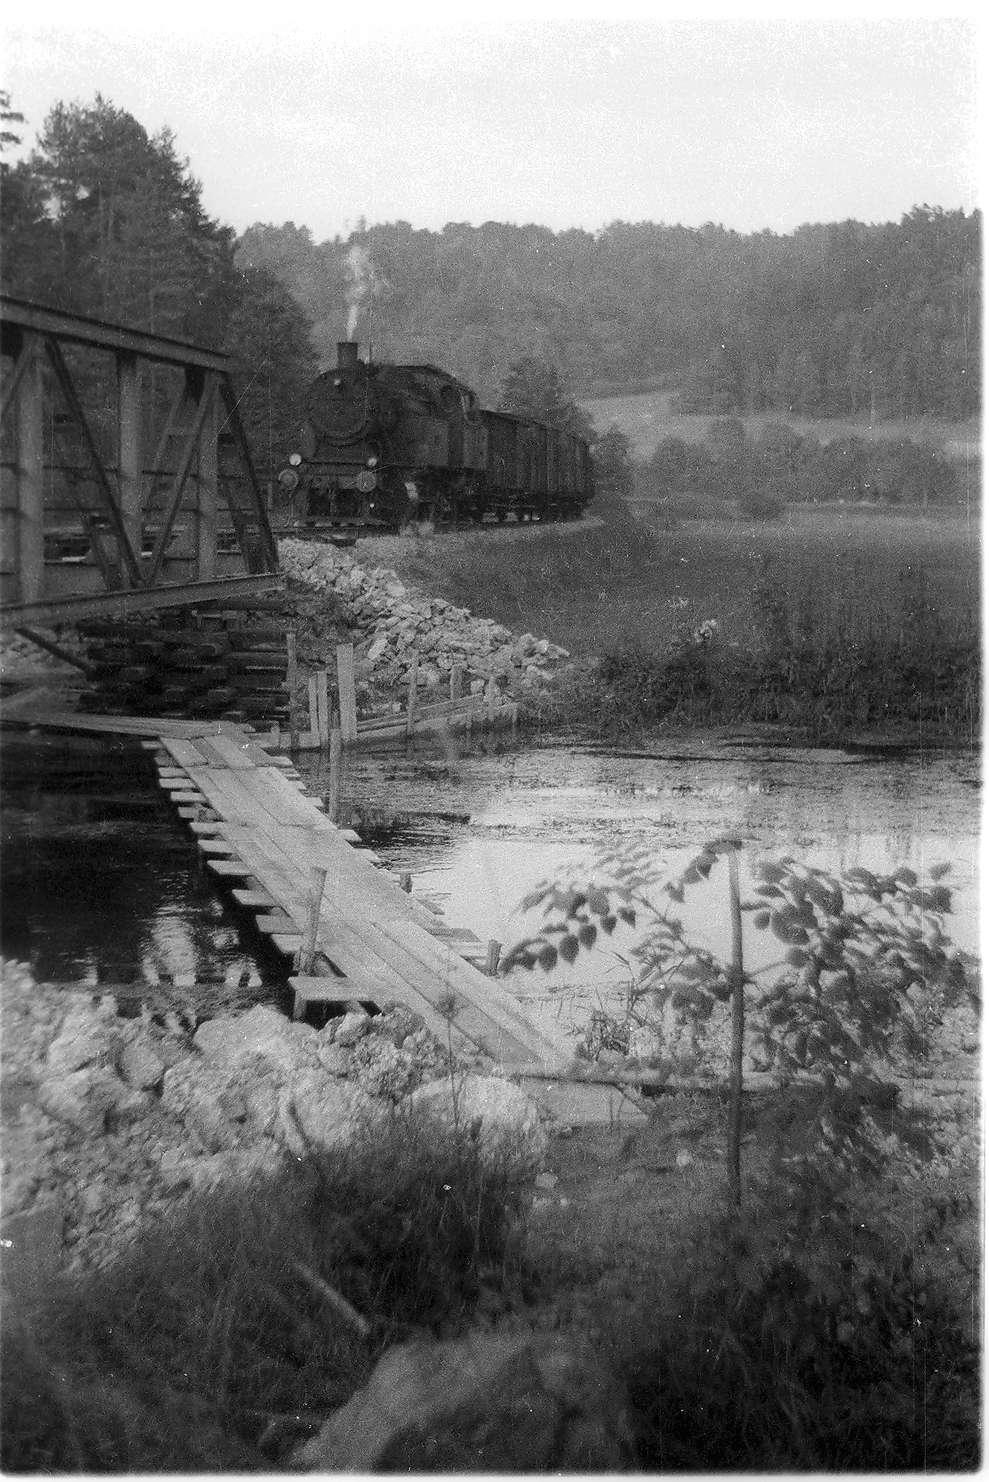 Veringenstadt, Dampflok 15 (1940 - 1965), Erneuerung einer Eisenfachwerkbrücke von 1908, Bild 1